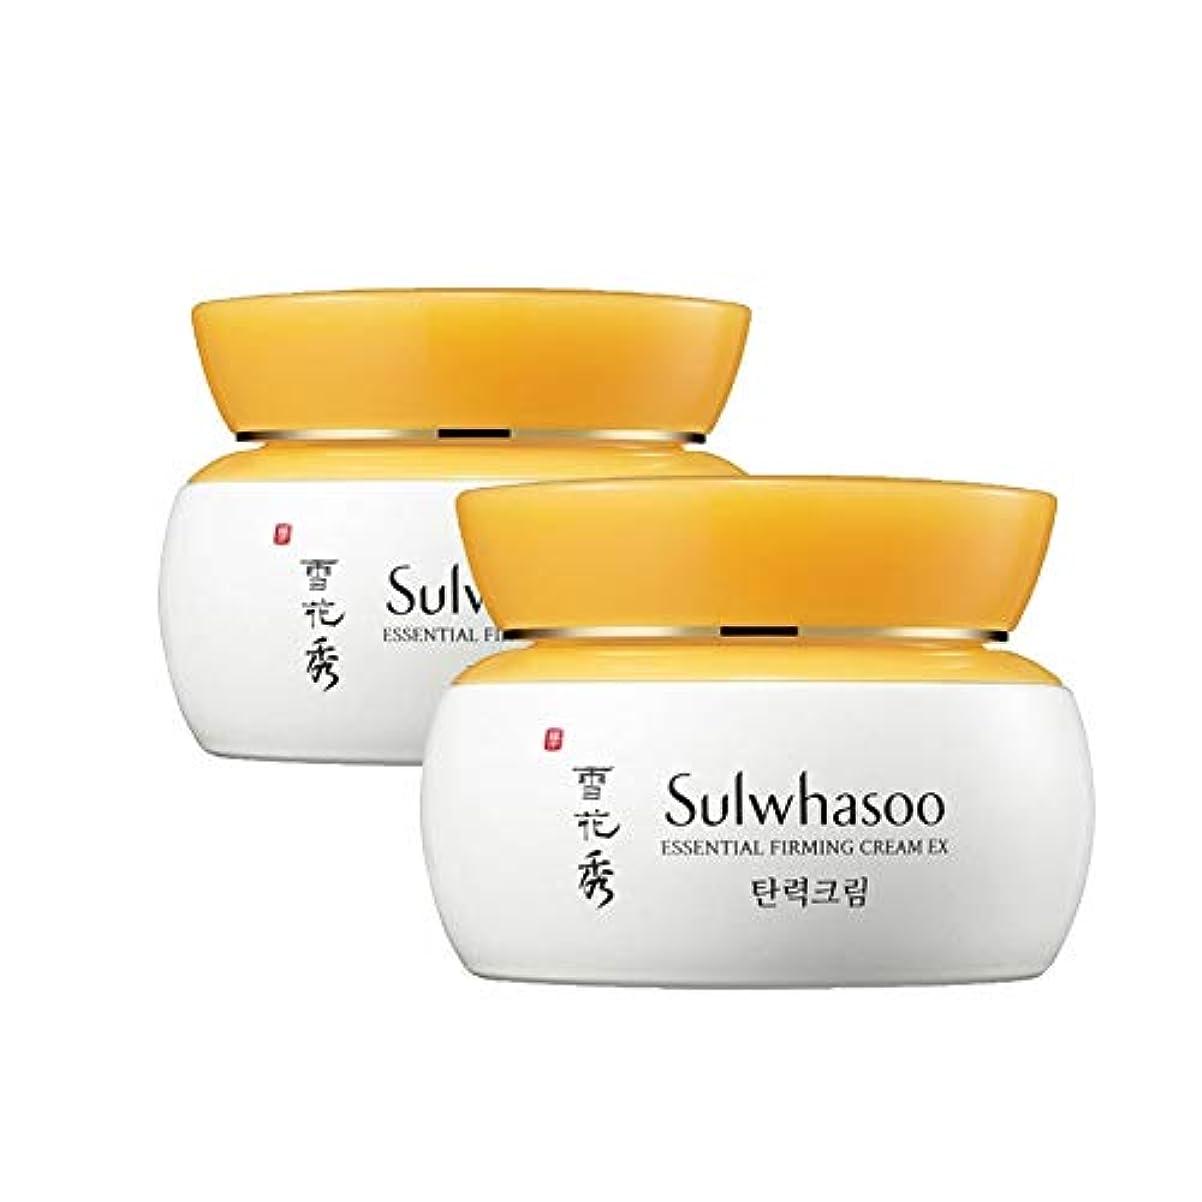 夜明け簡潔なソフィー雪花秀エッセンシャルパーミングクリーム 75mlx2本セット 弾力クリーム韓国コスメ、Sulwhasoo Essential Firming Cream 75ml x 2ea Set Korean Cosmetics [並行輸入品]